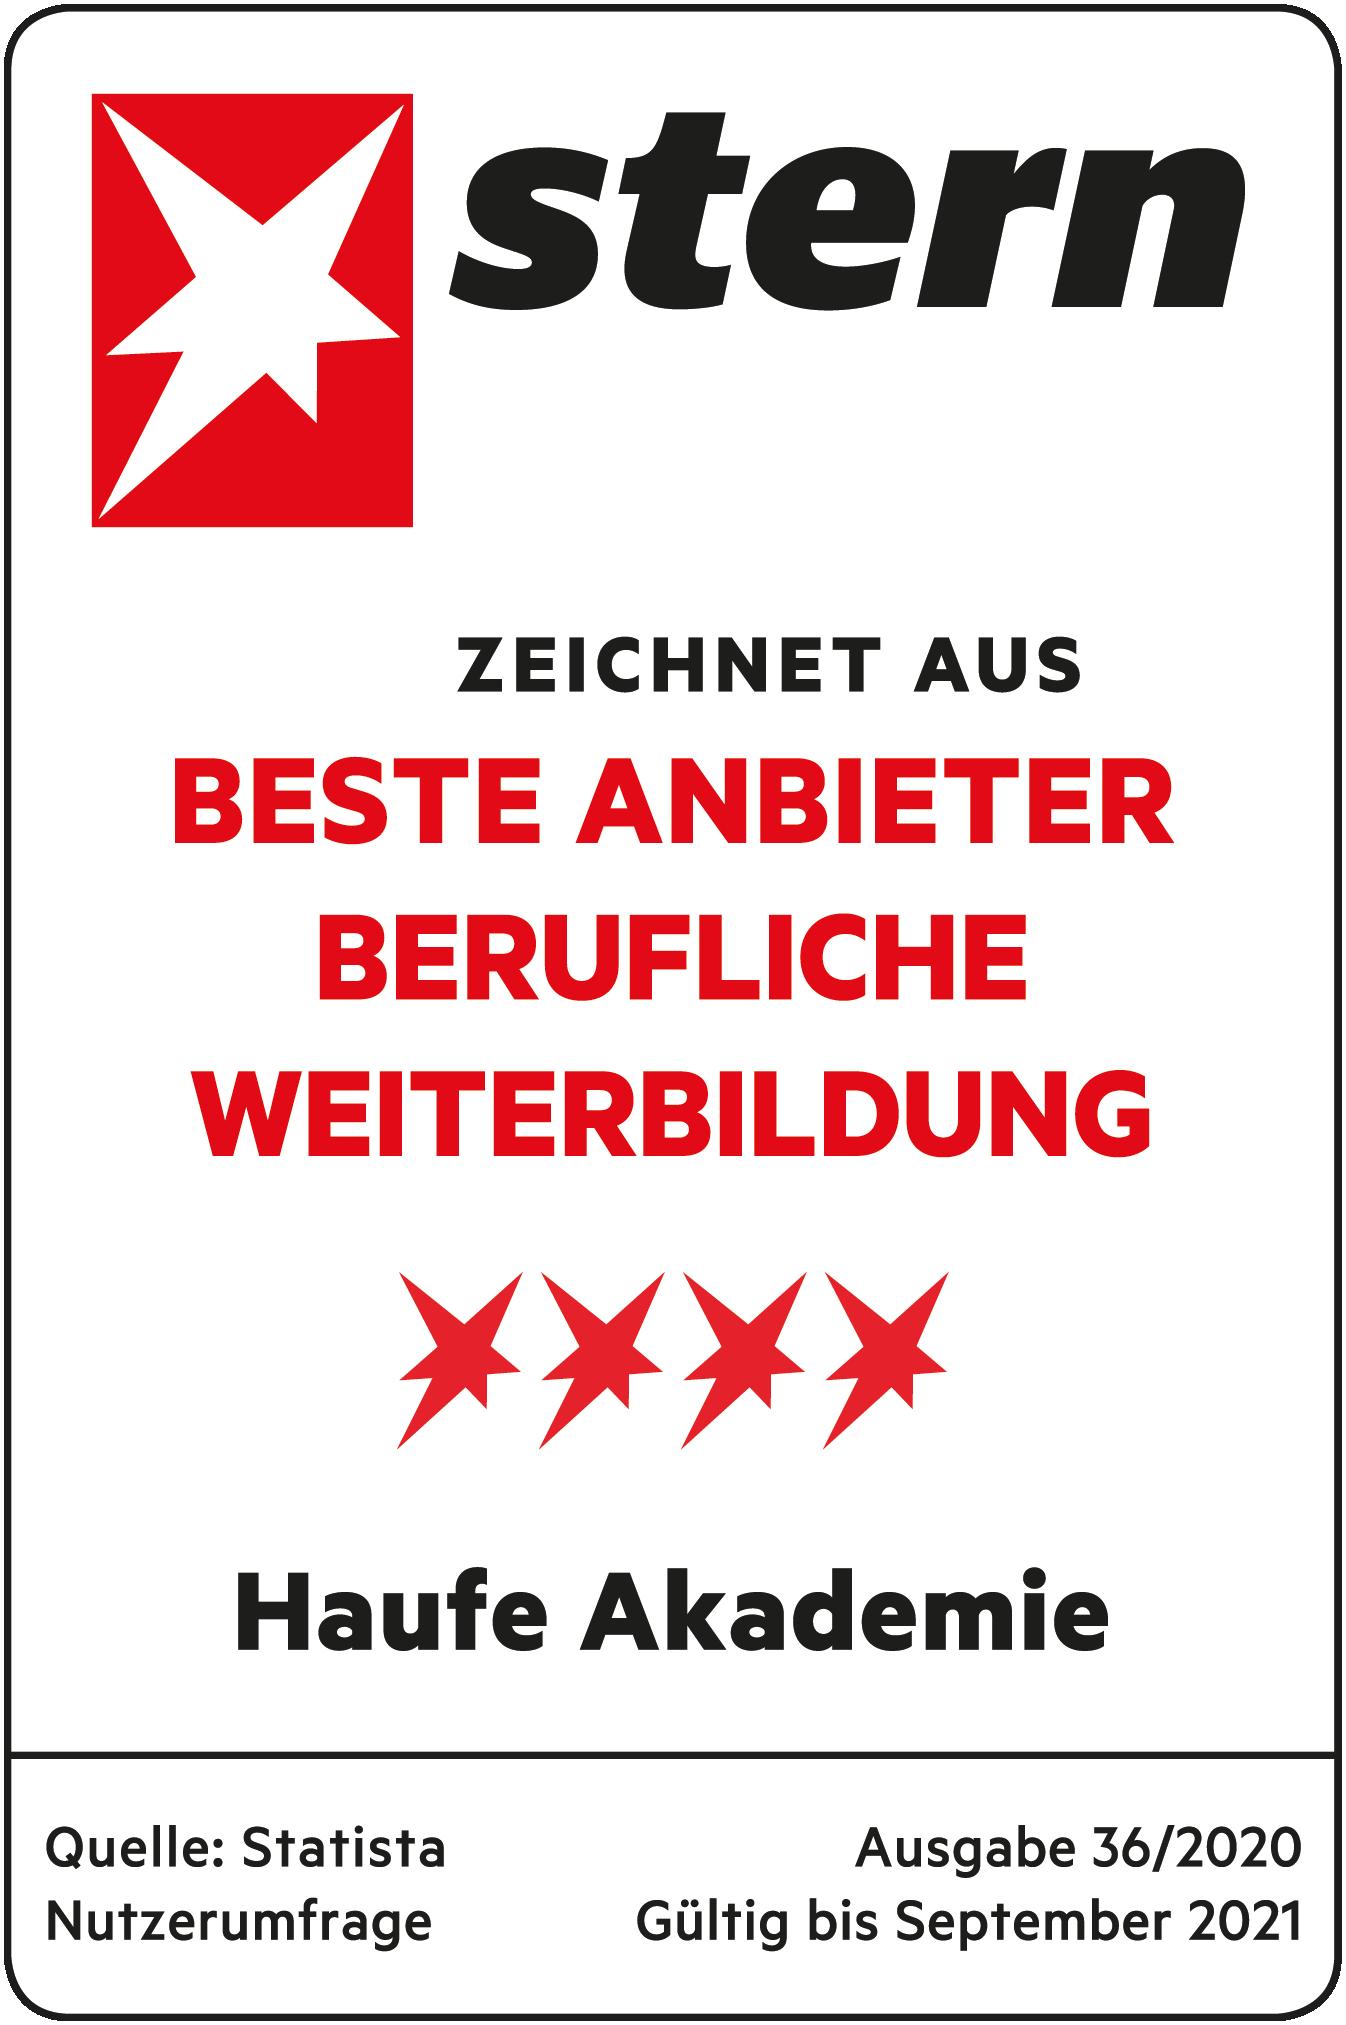 Haufe Akademie ausgezeichnet als bester Anbieter für berufliche Weiterbildung.